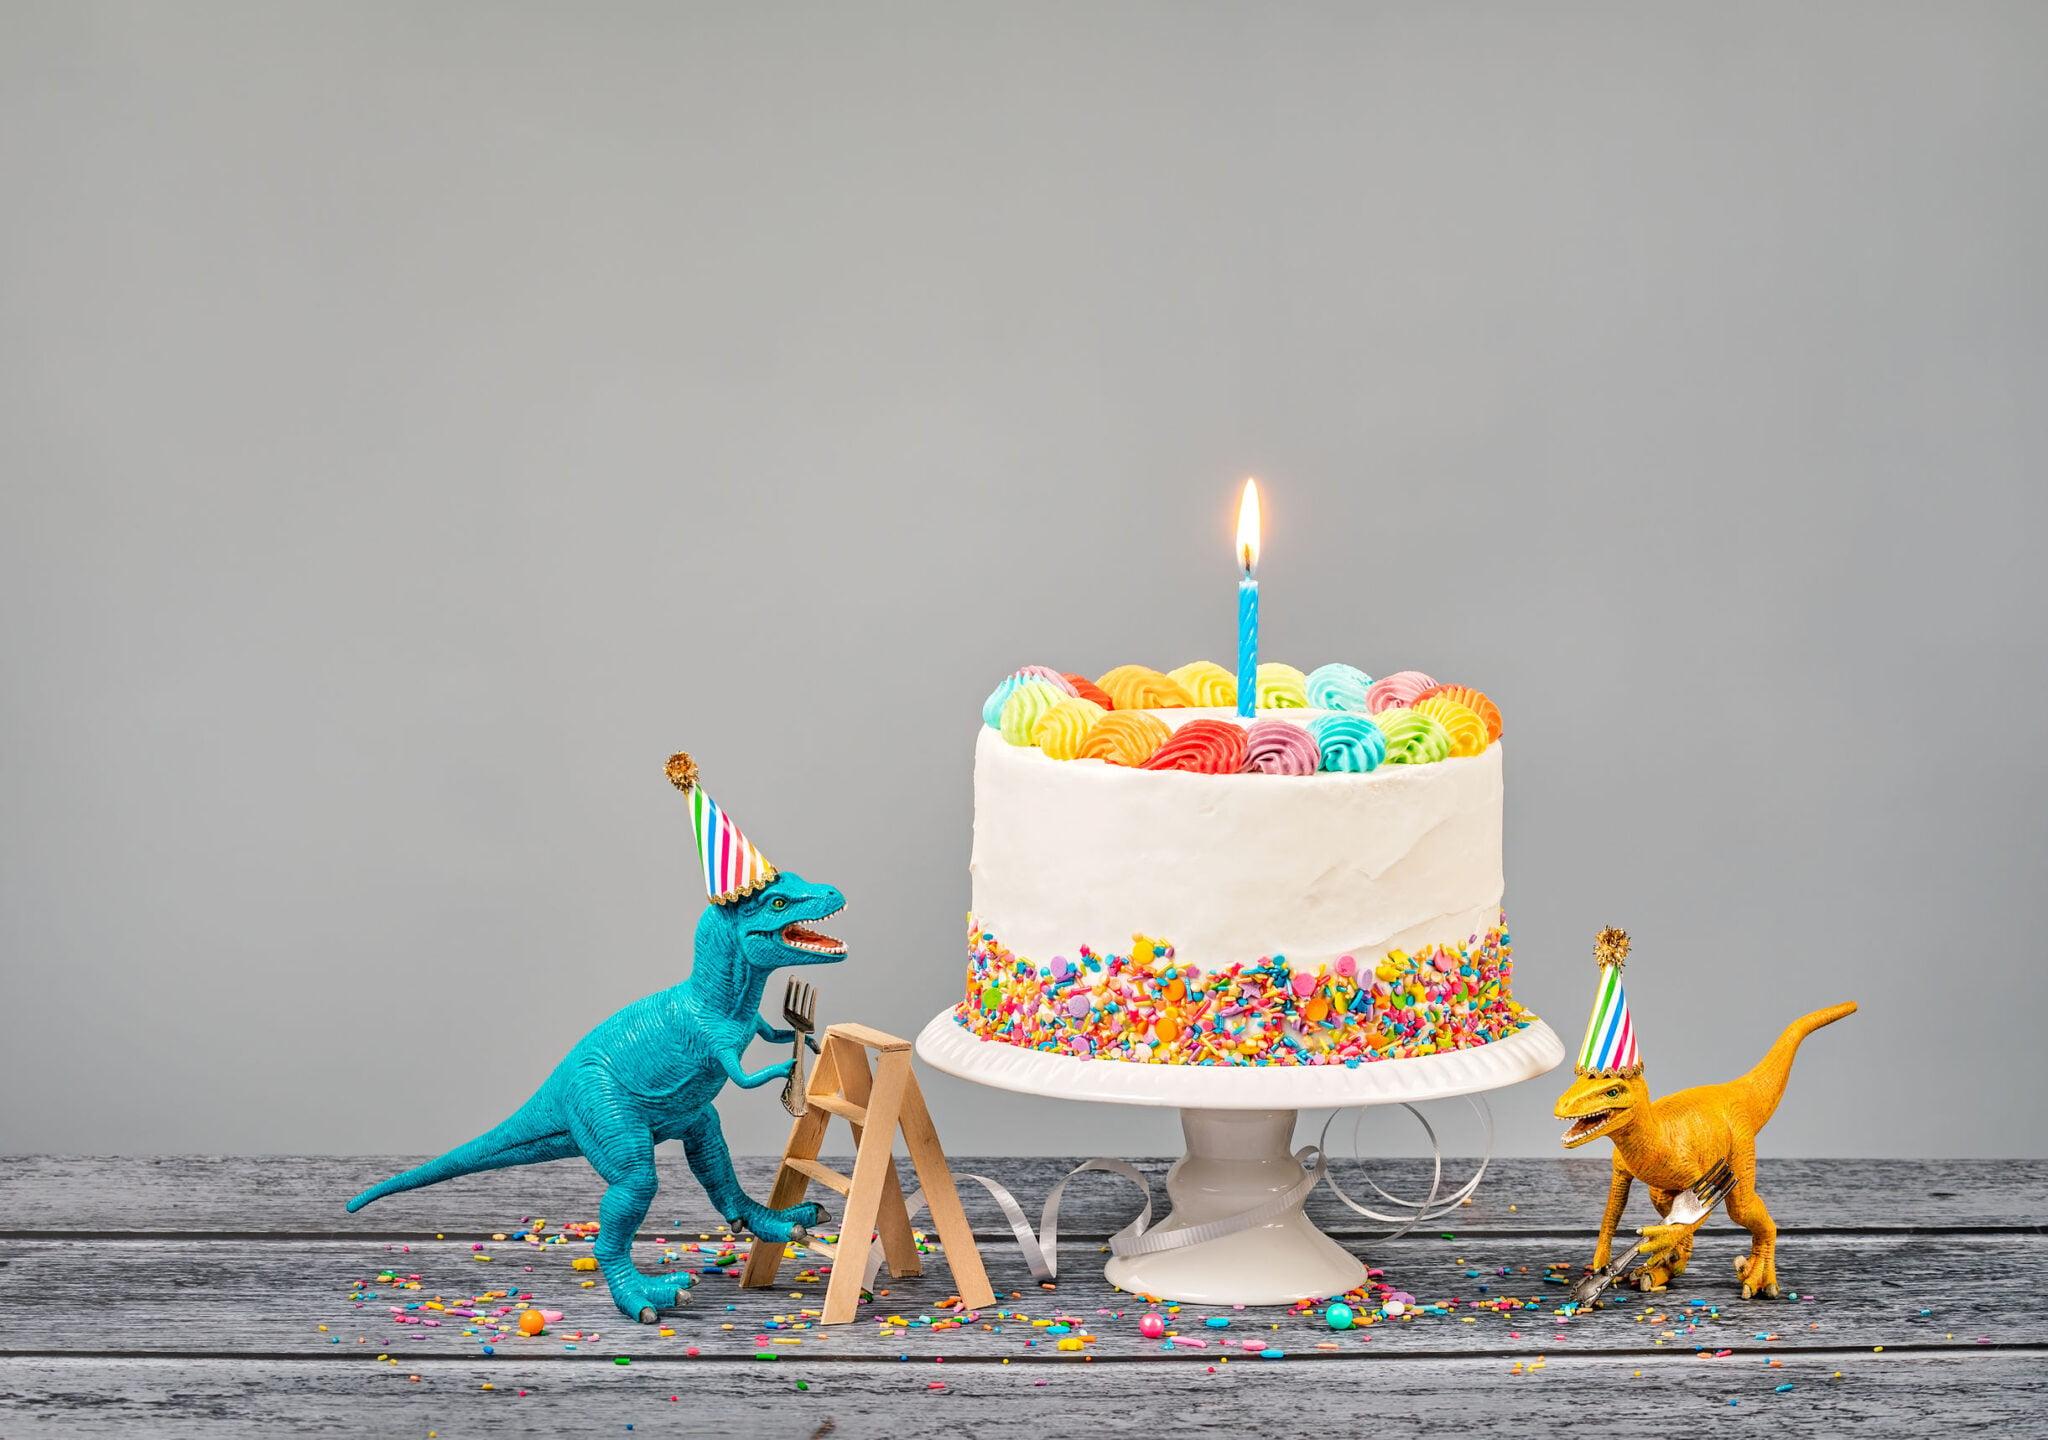 Dino kinderfeestje organiseren; tips en ideeën van uitnodiging tot spelletjes en programma - Mamaliefde.nl